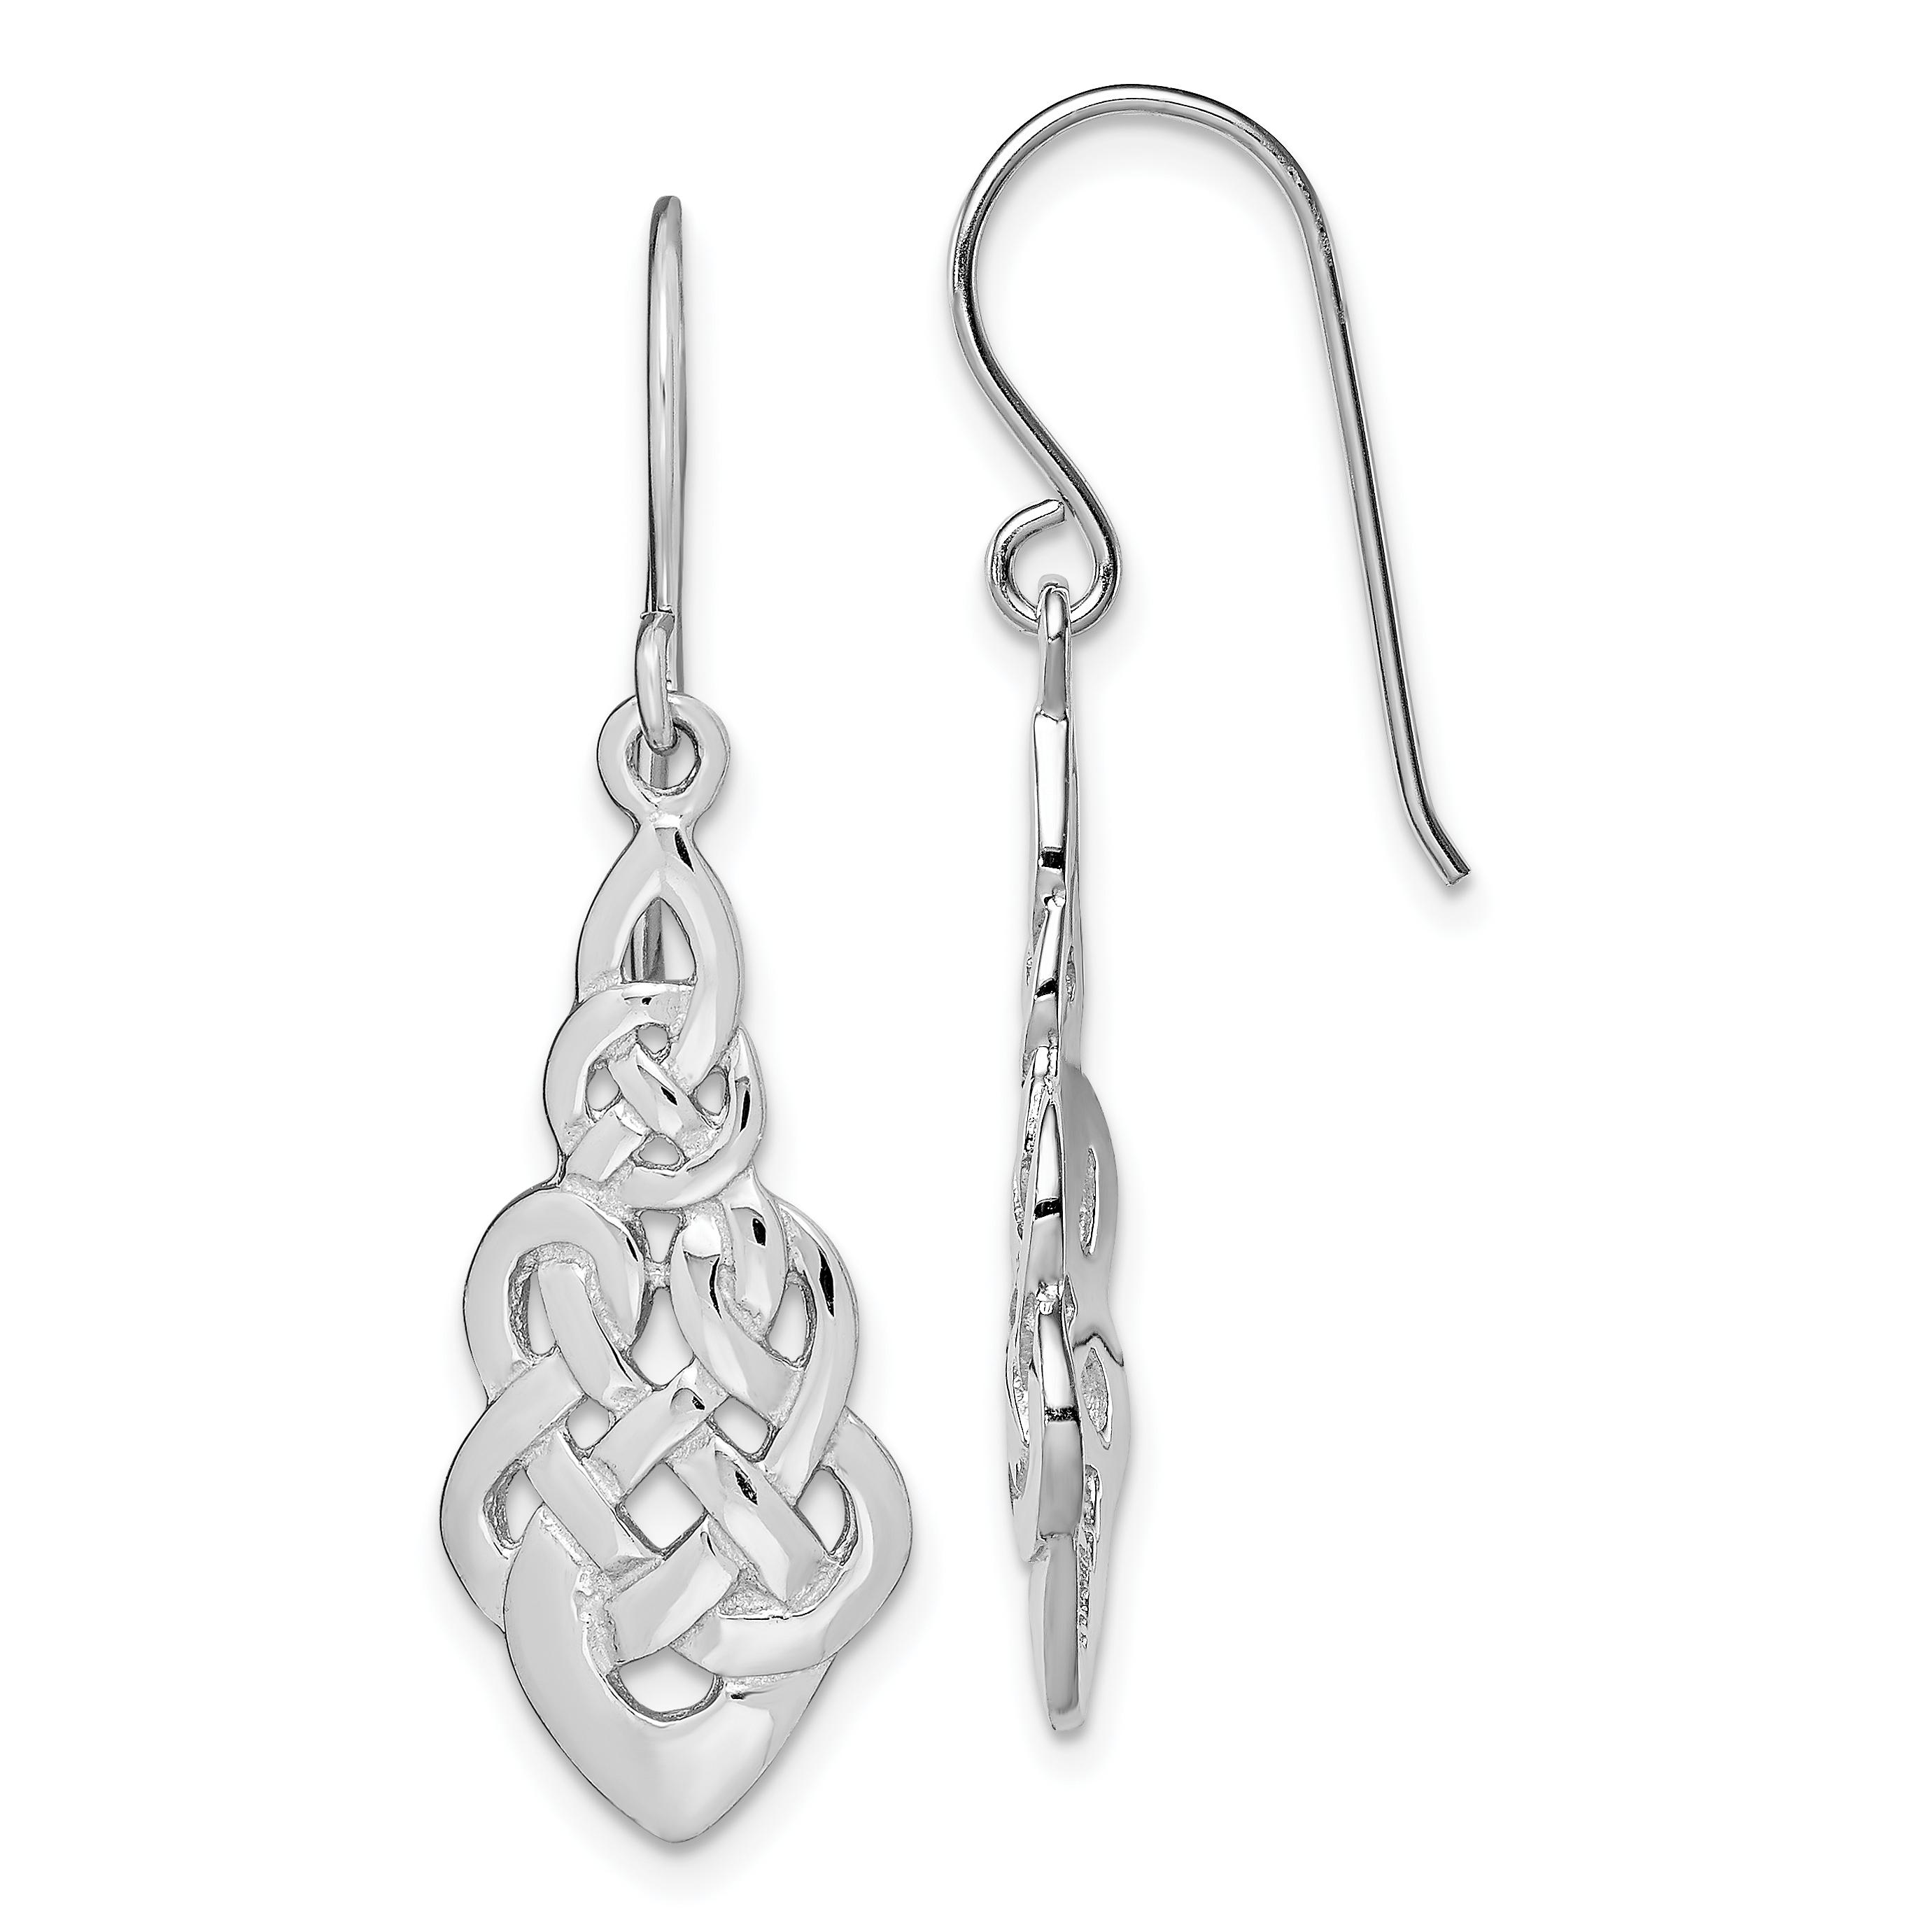 Stainless Steel Polished Shepherd Hook Dangle Earrings 76.57mm